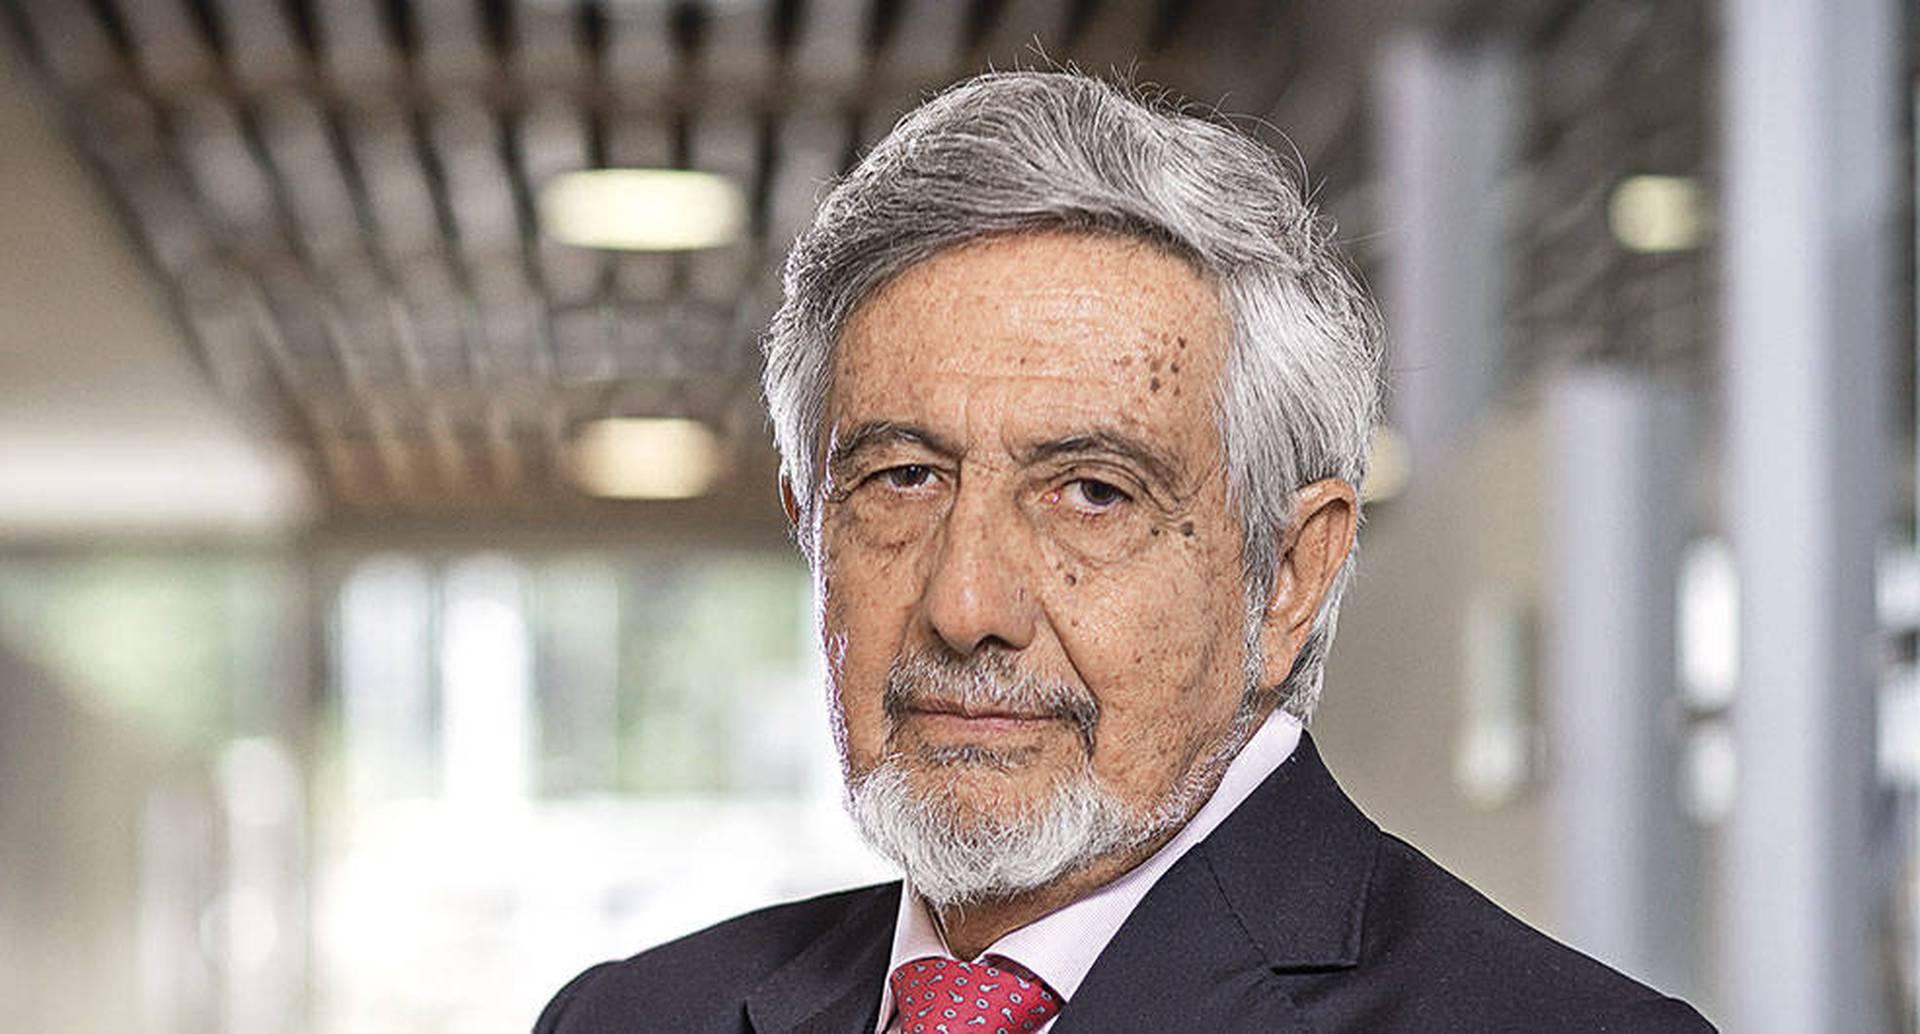 El exministro de Hacienda falleció este viernes en Bogotá.